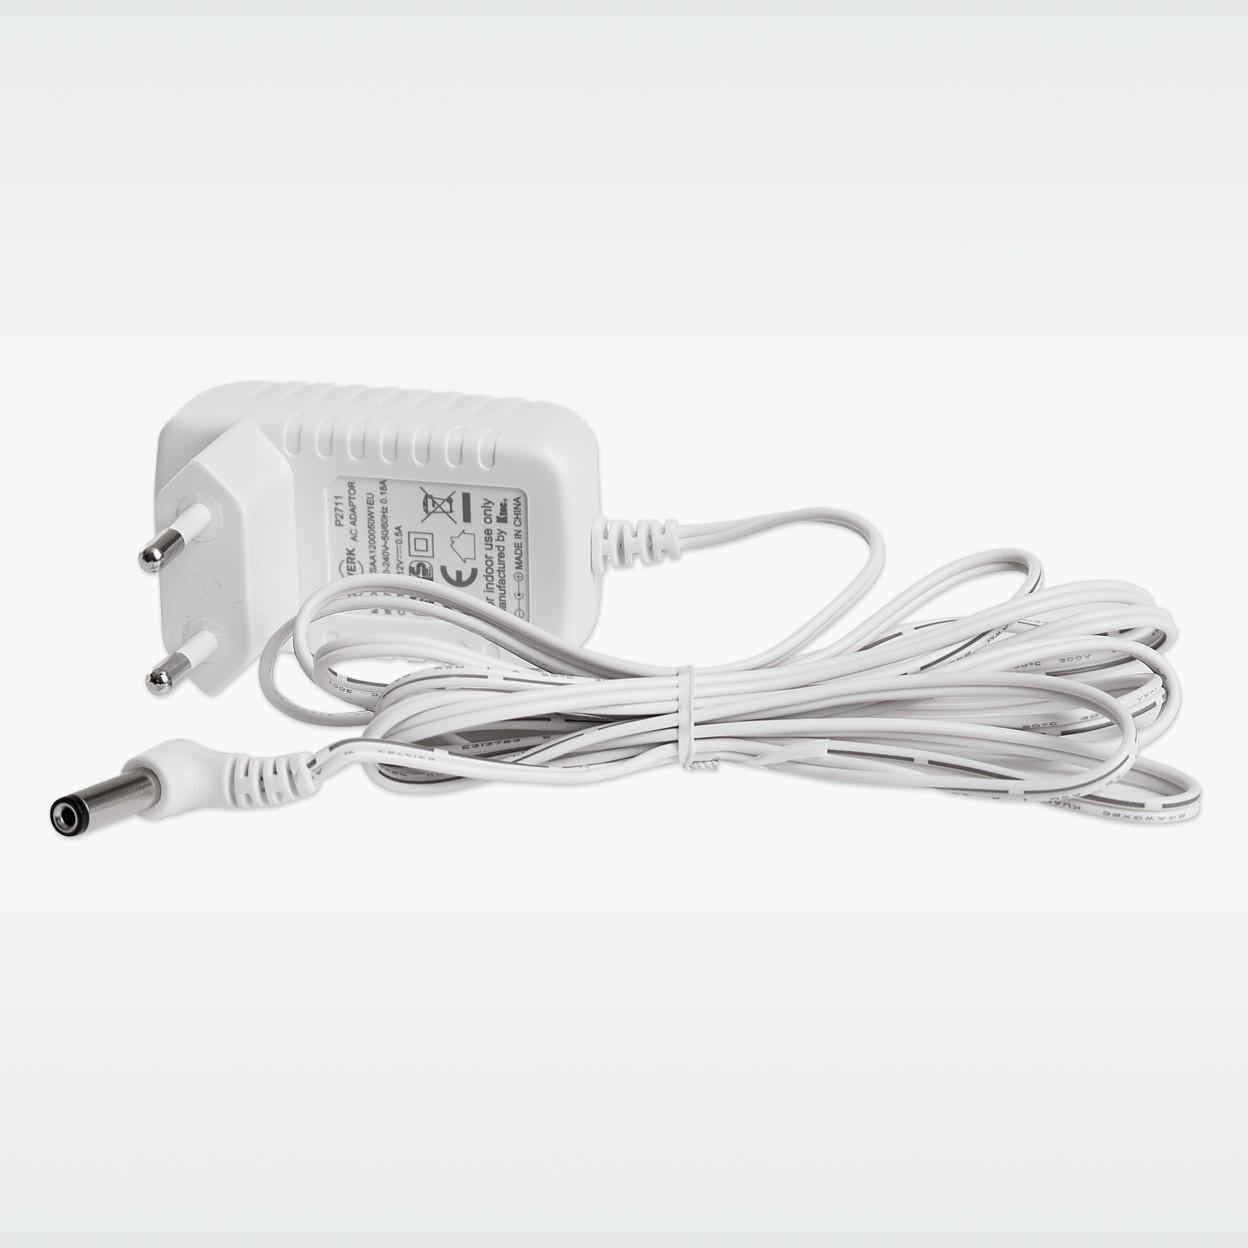 vc100 power cable vorwerk vacuum cleaner from vk direct kobold. Black Bedroom Furniture Sets. Home Design Ideas